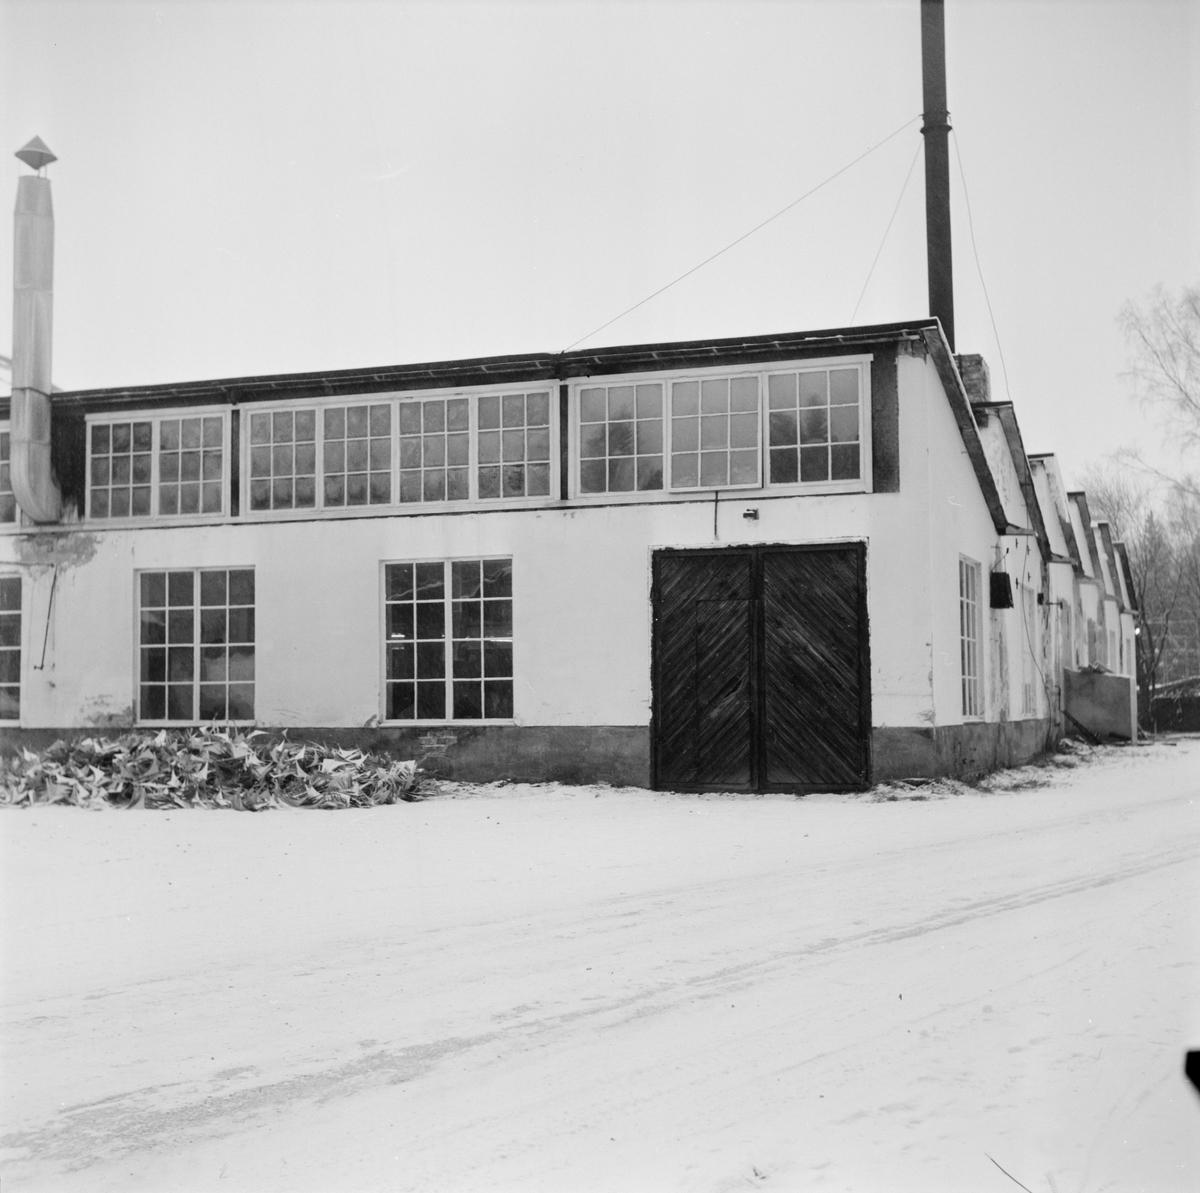 Skyddad verkstad, Tobo, Tegelsmora socken, Uppland, januari 1972